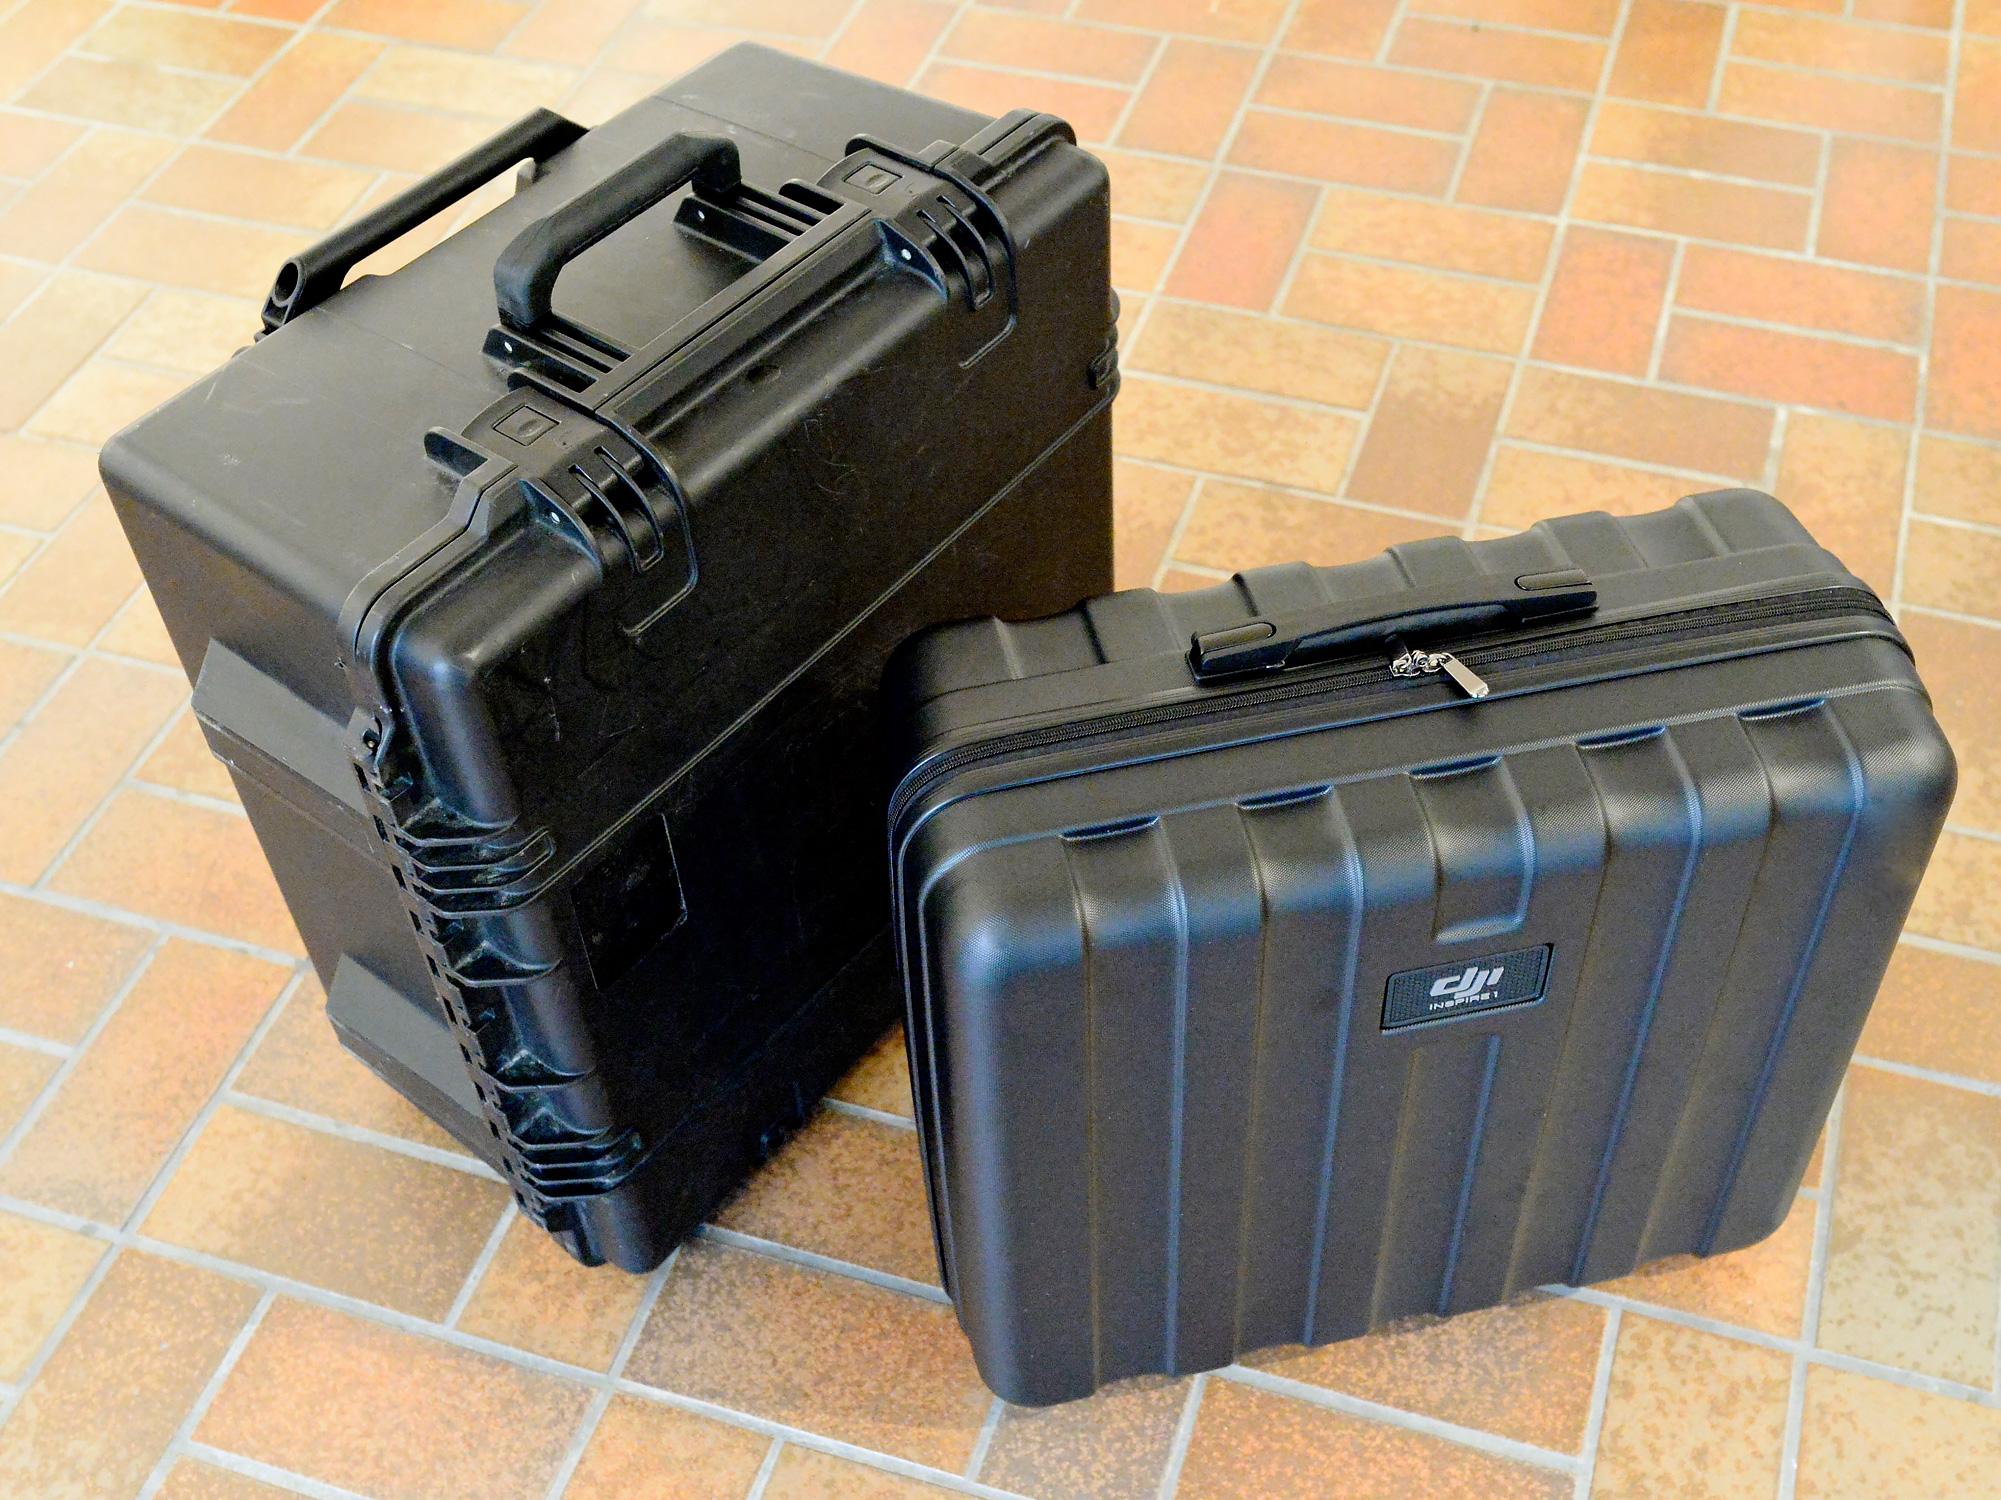 Das Peli Storm Case IM2875 und der DJI Inspire 1 Koffer